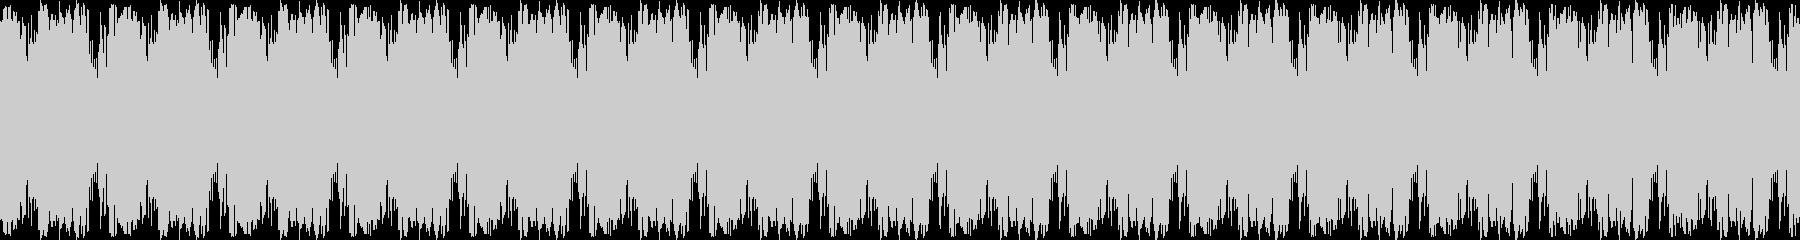 奇妙なシンセ音の未再生の波形